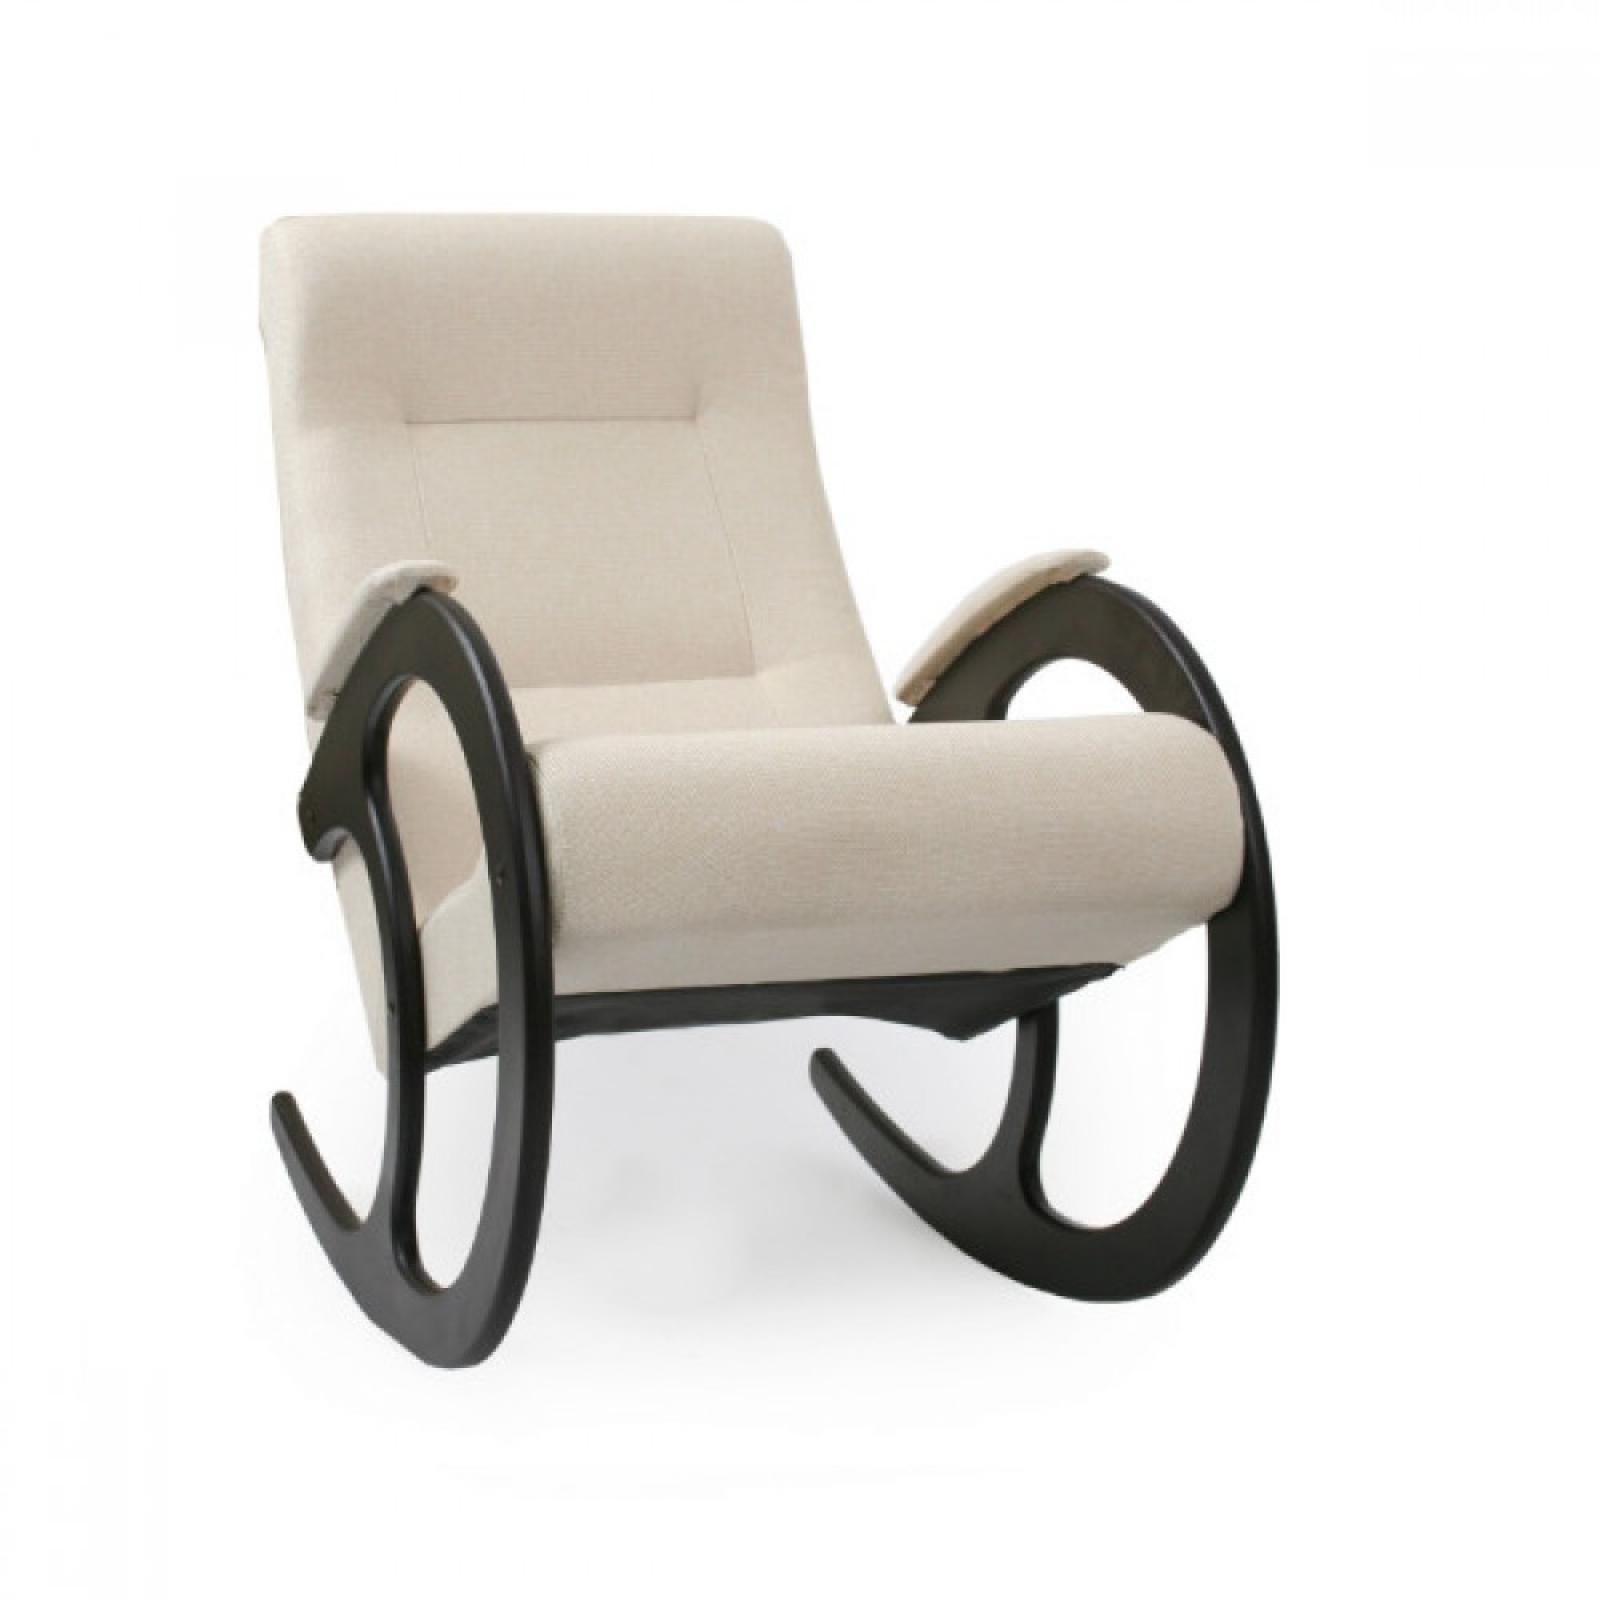 Кресло-качалка, Модель 3 Венге/Мальта 01 - 1